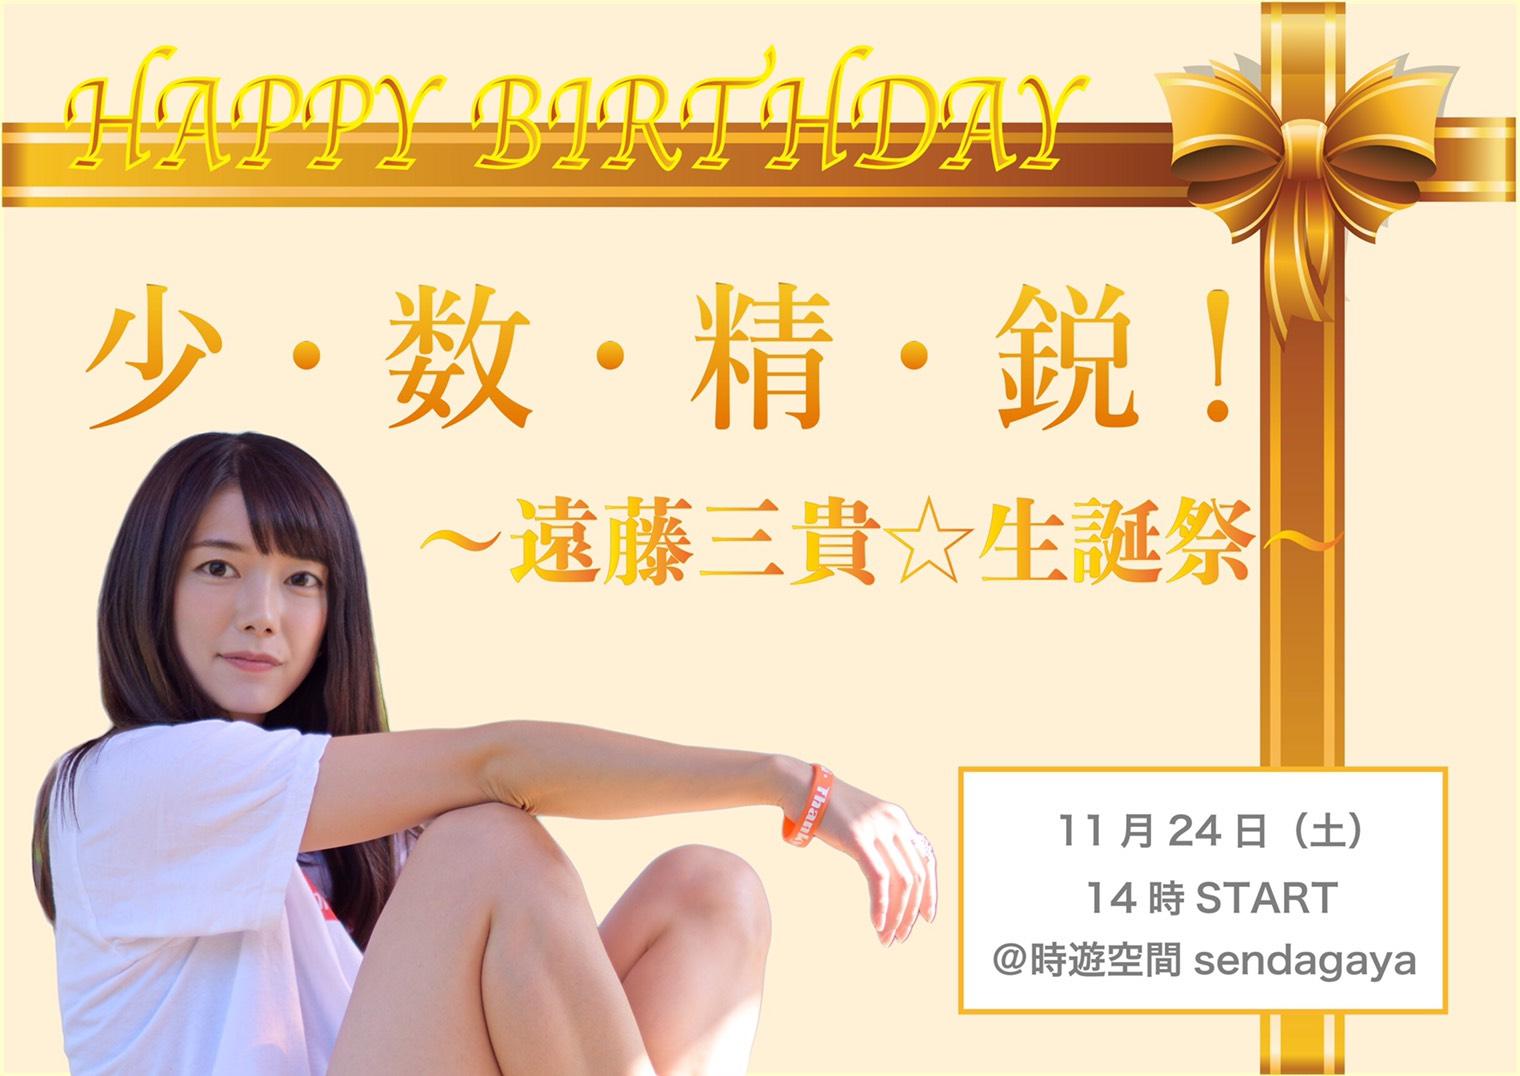 少・数・精・鋭! 〜遠藤三貴☆生誕祭〜